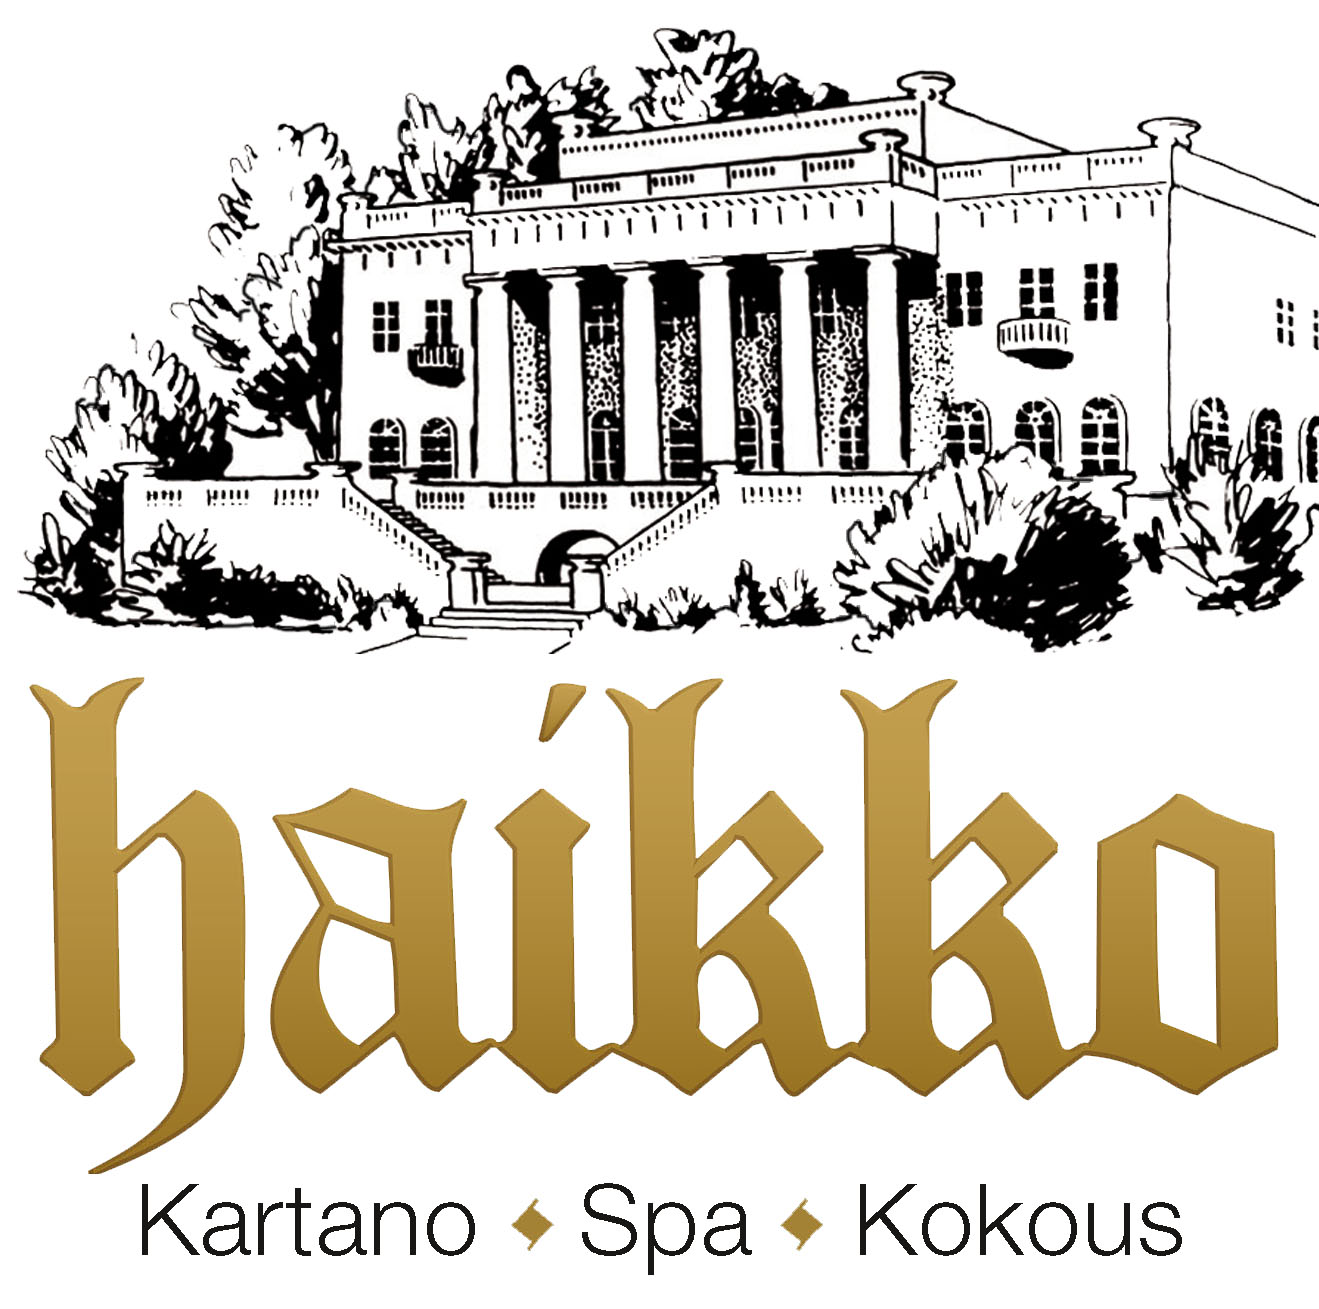 Hotelli Haikon Kartano Vuoristo-yhtiöt Oy